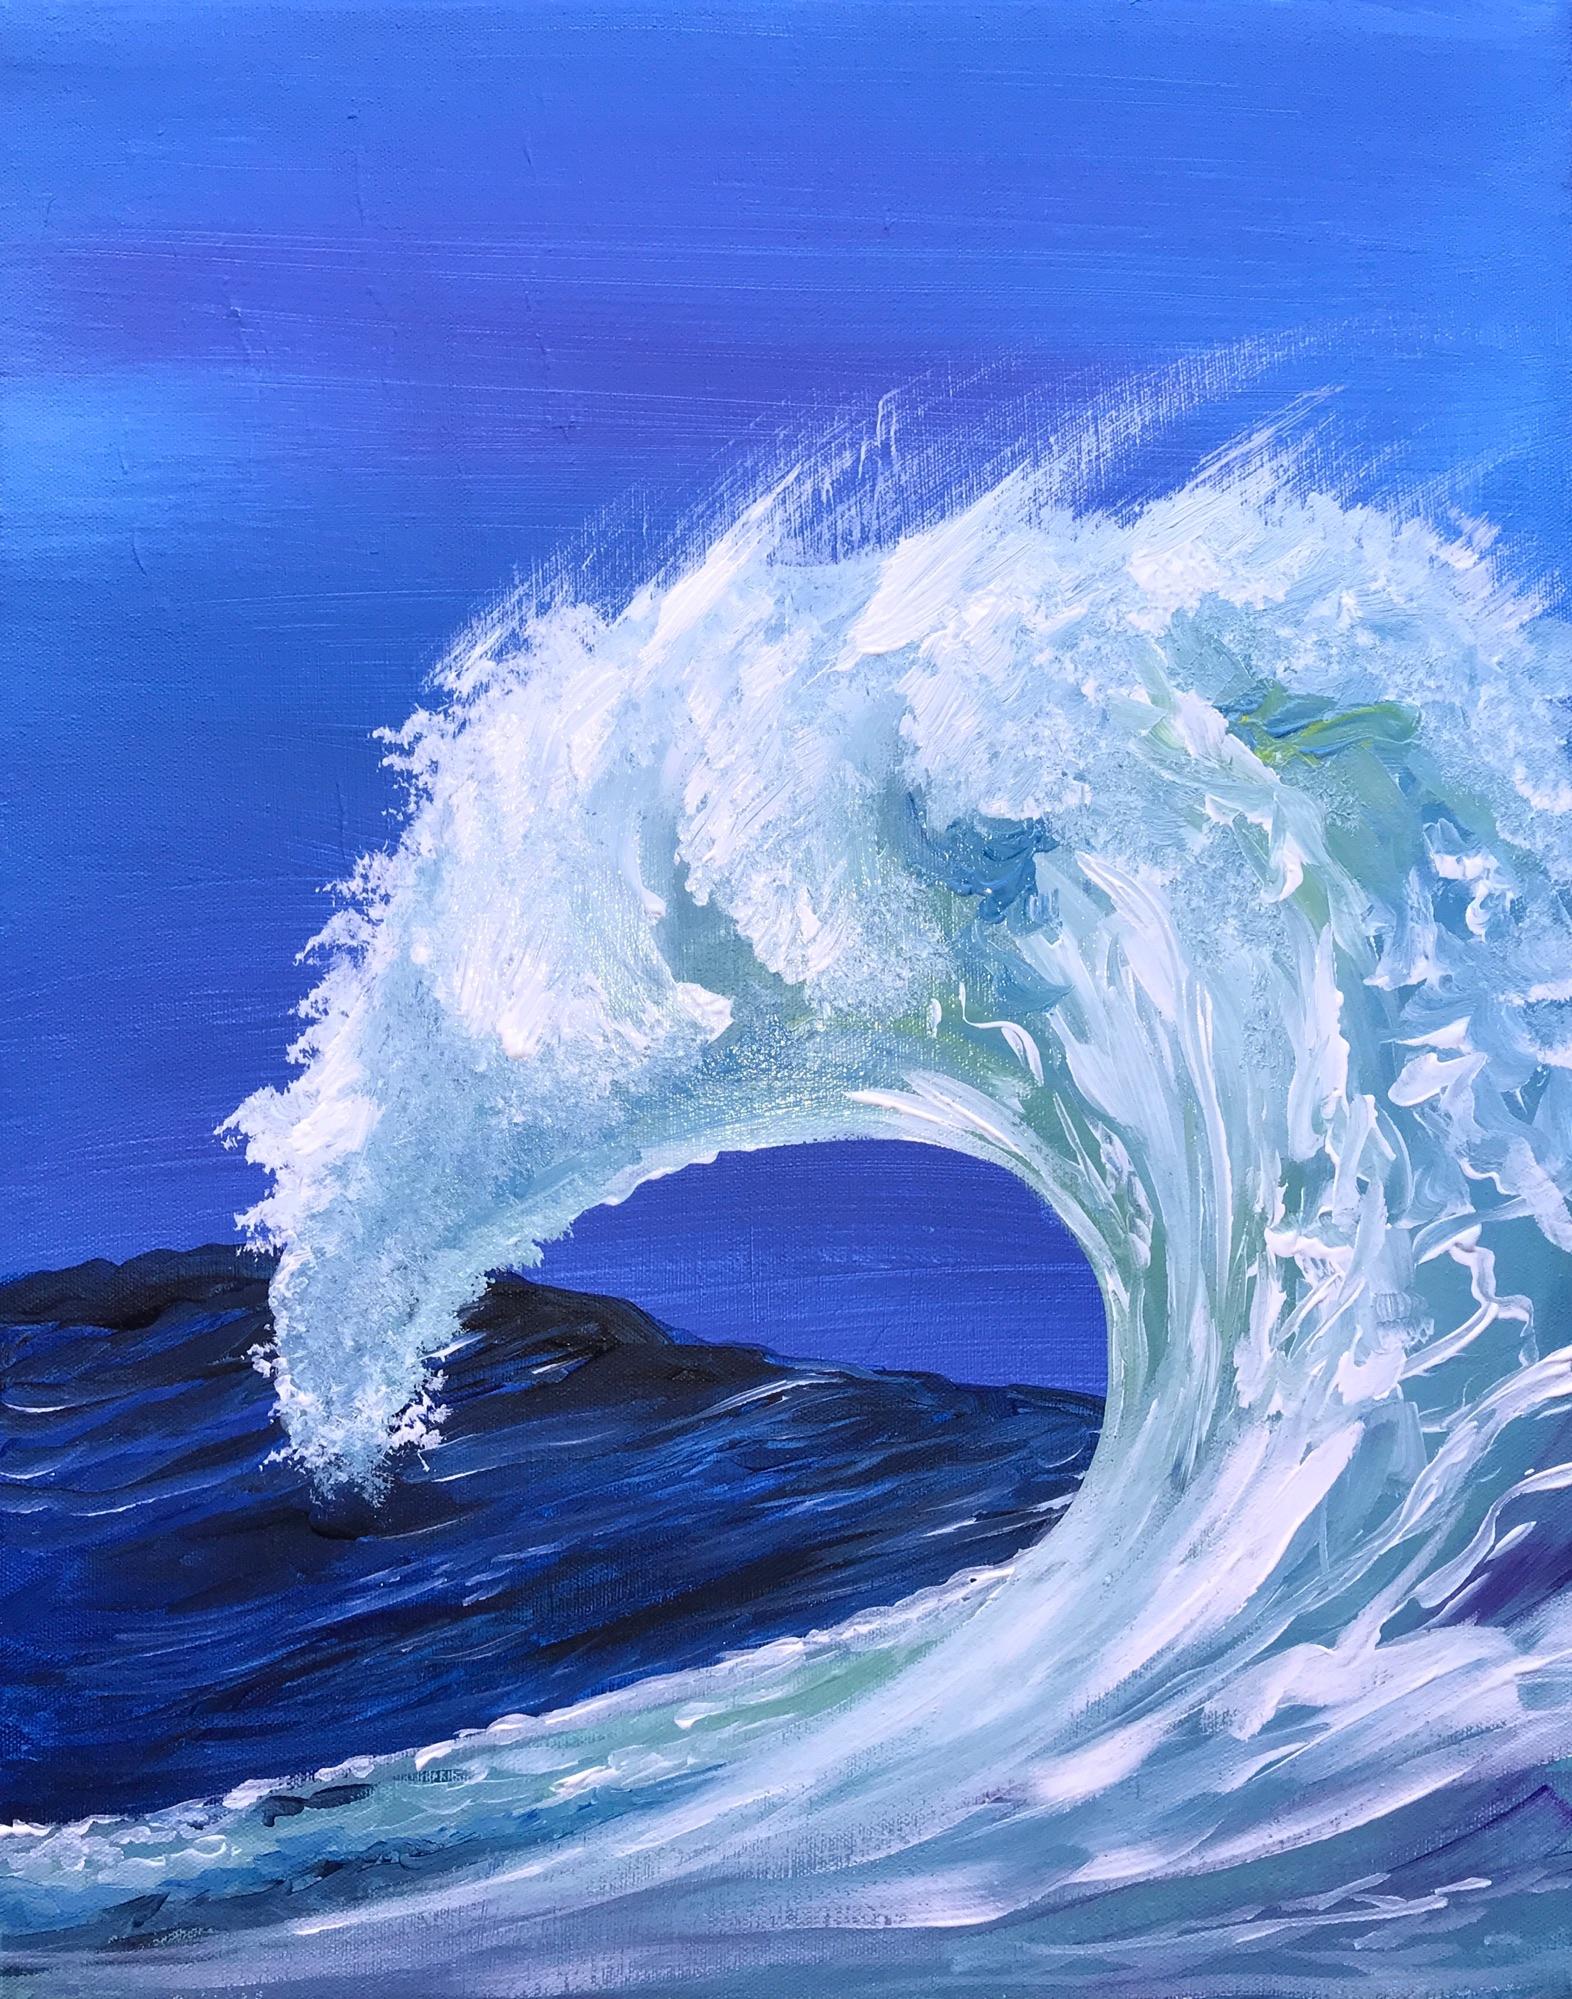 'White Wave'